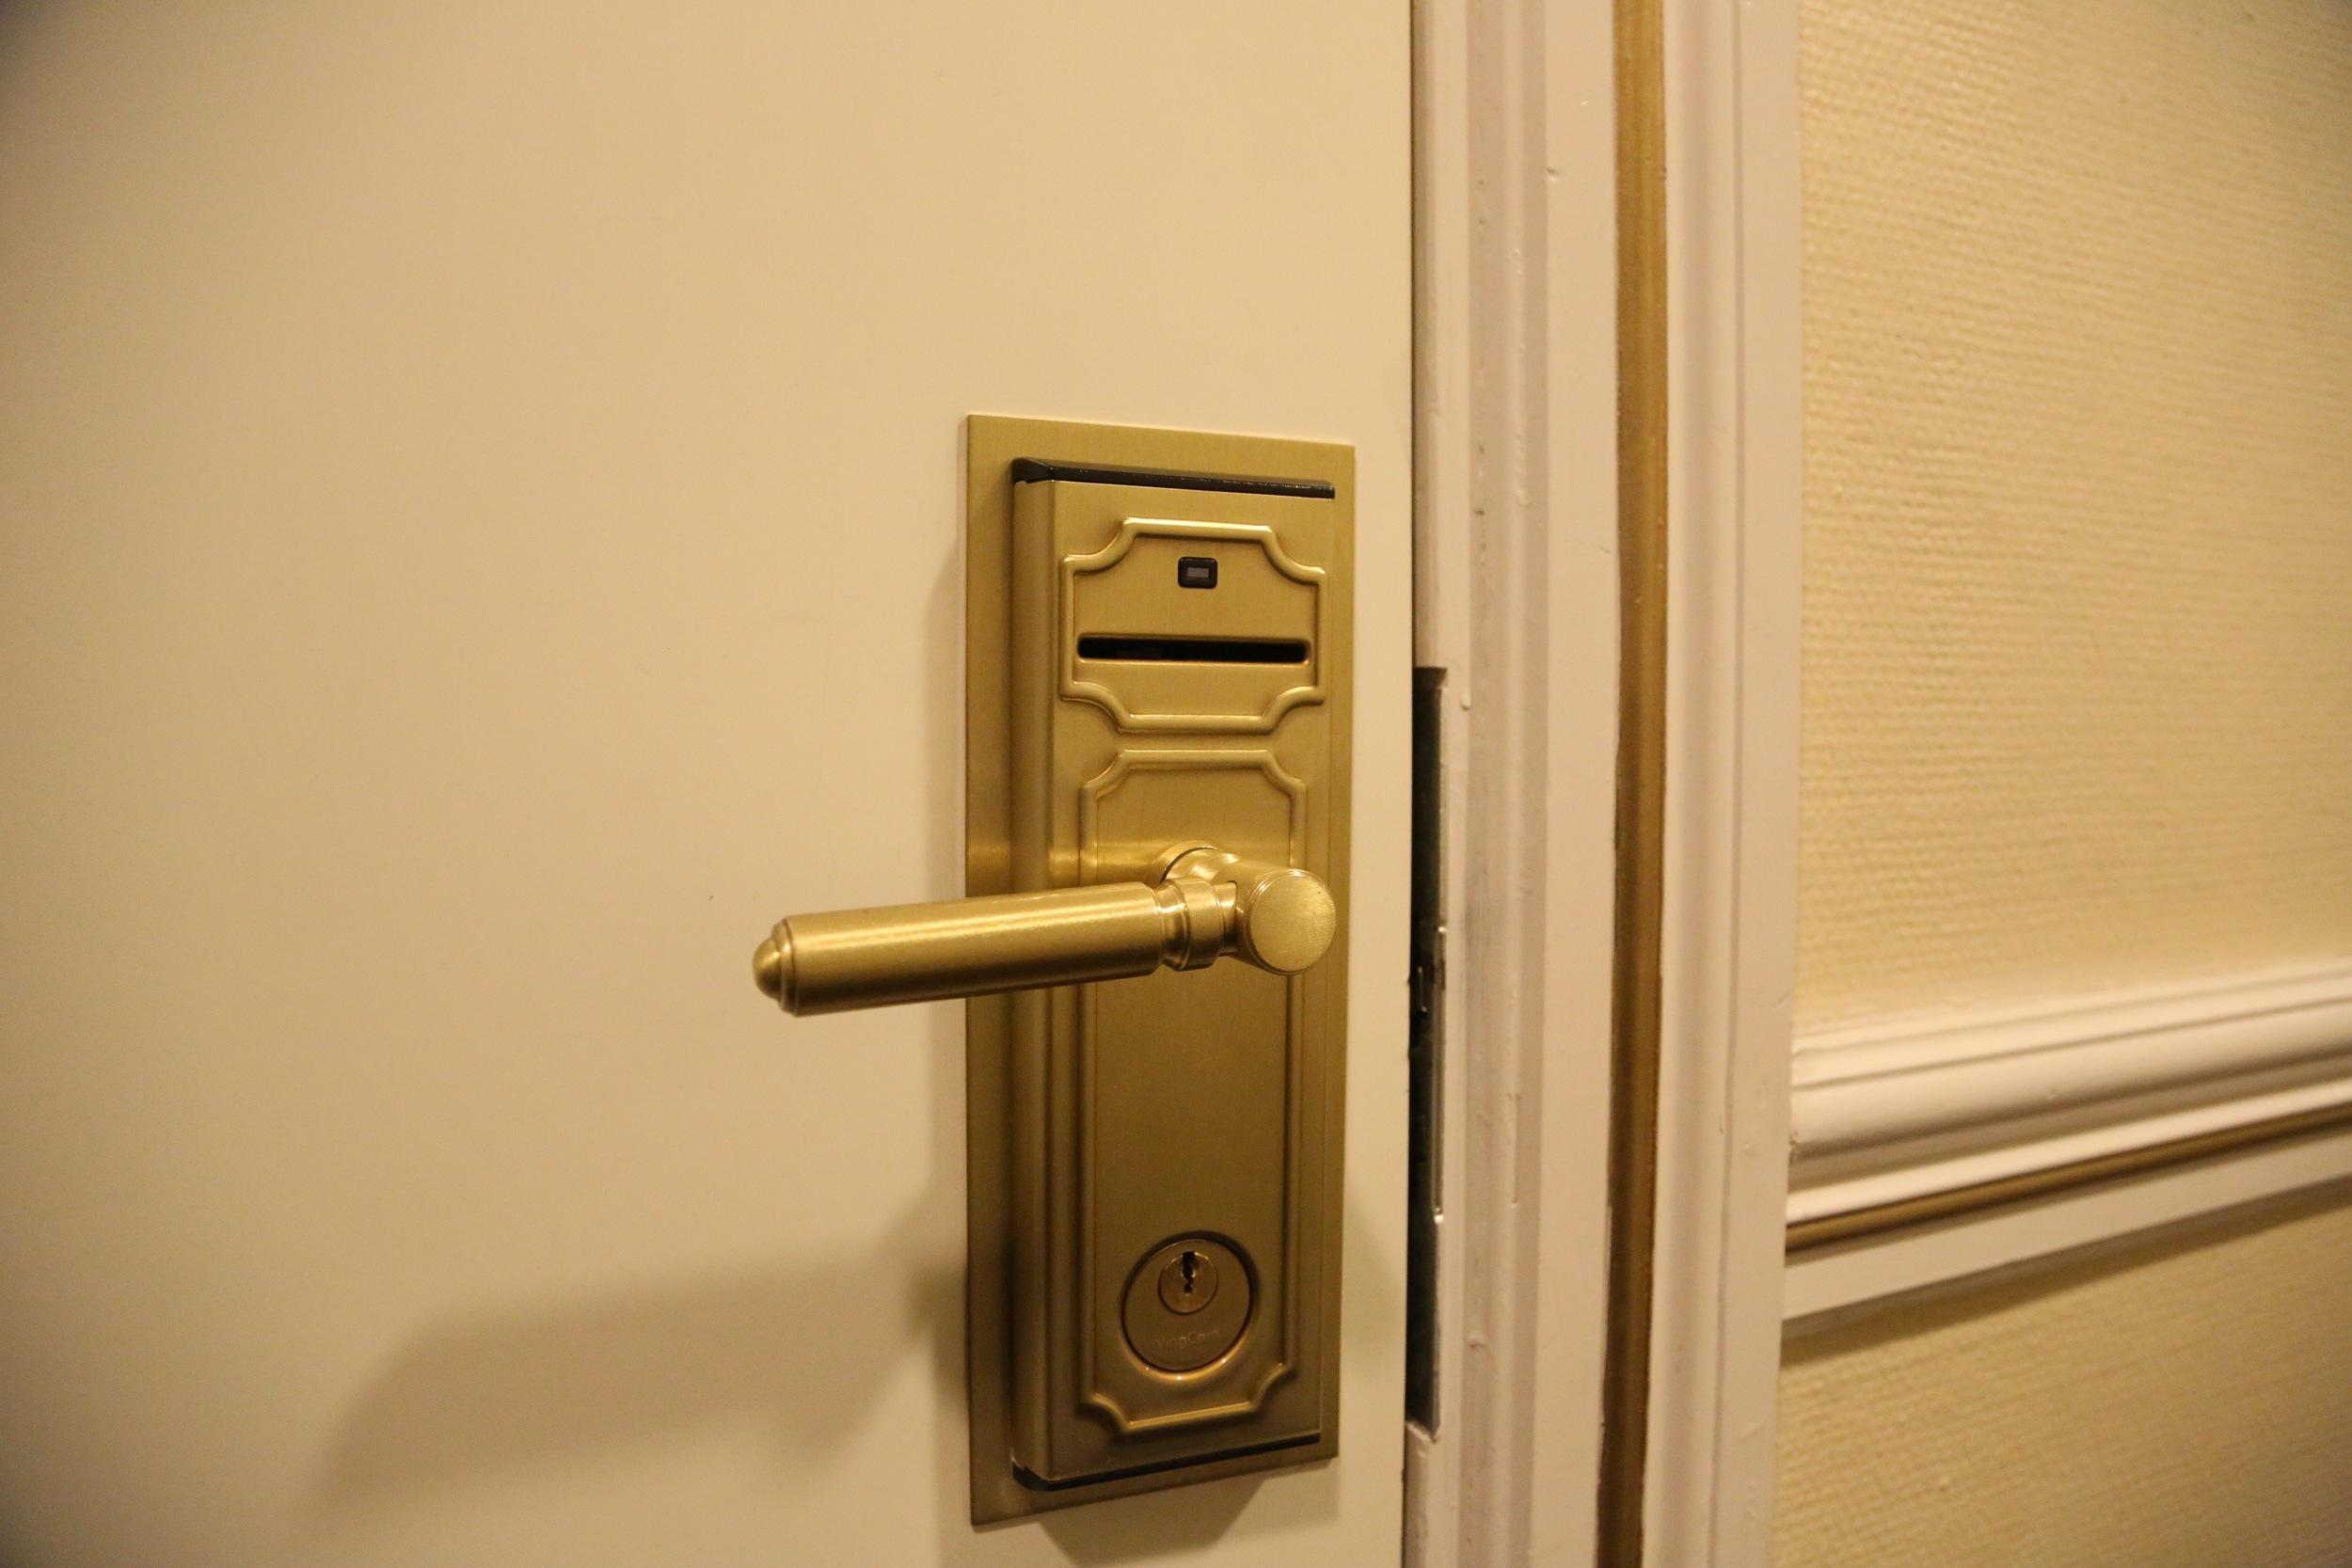 Har du låst deg ute - uten klær..? Eller fått uønsket besøk? Foto: Odd Roar Lange